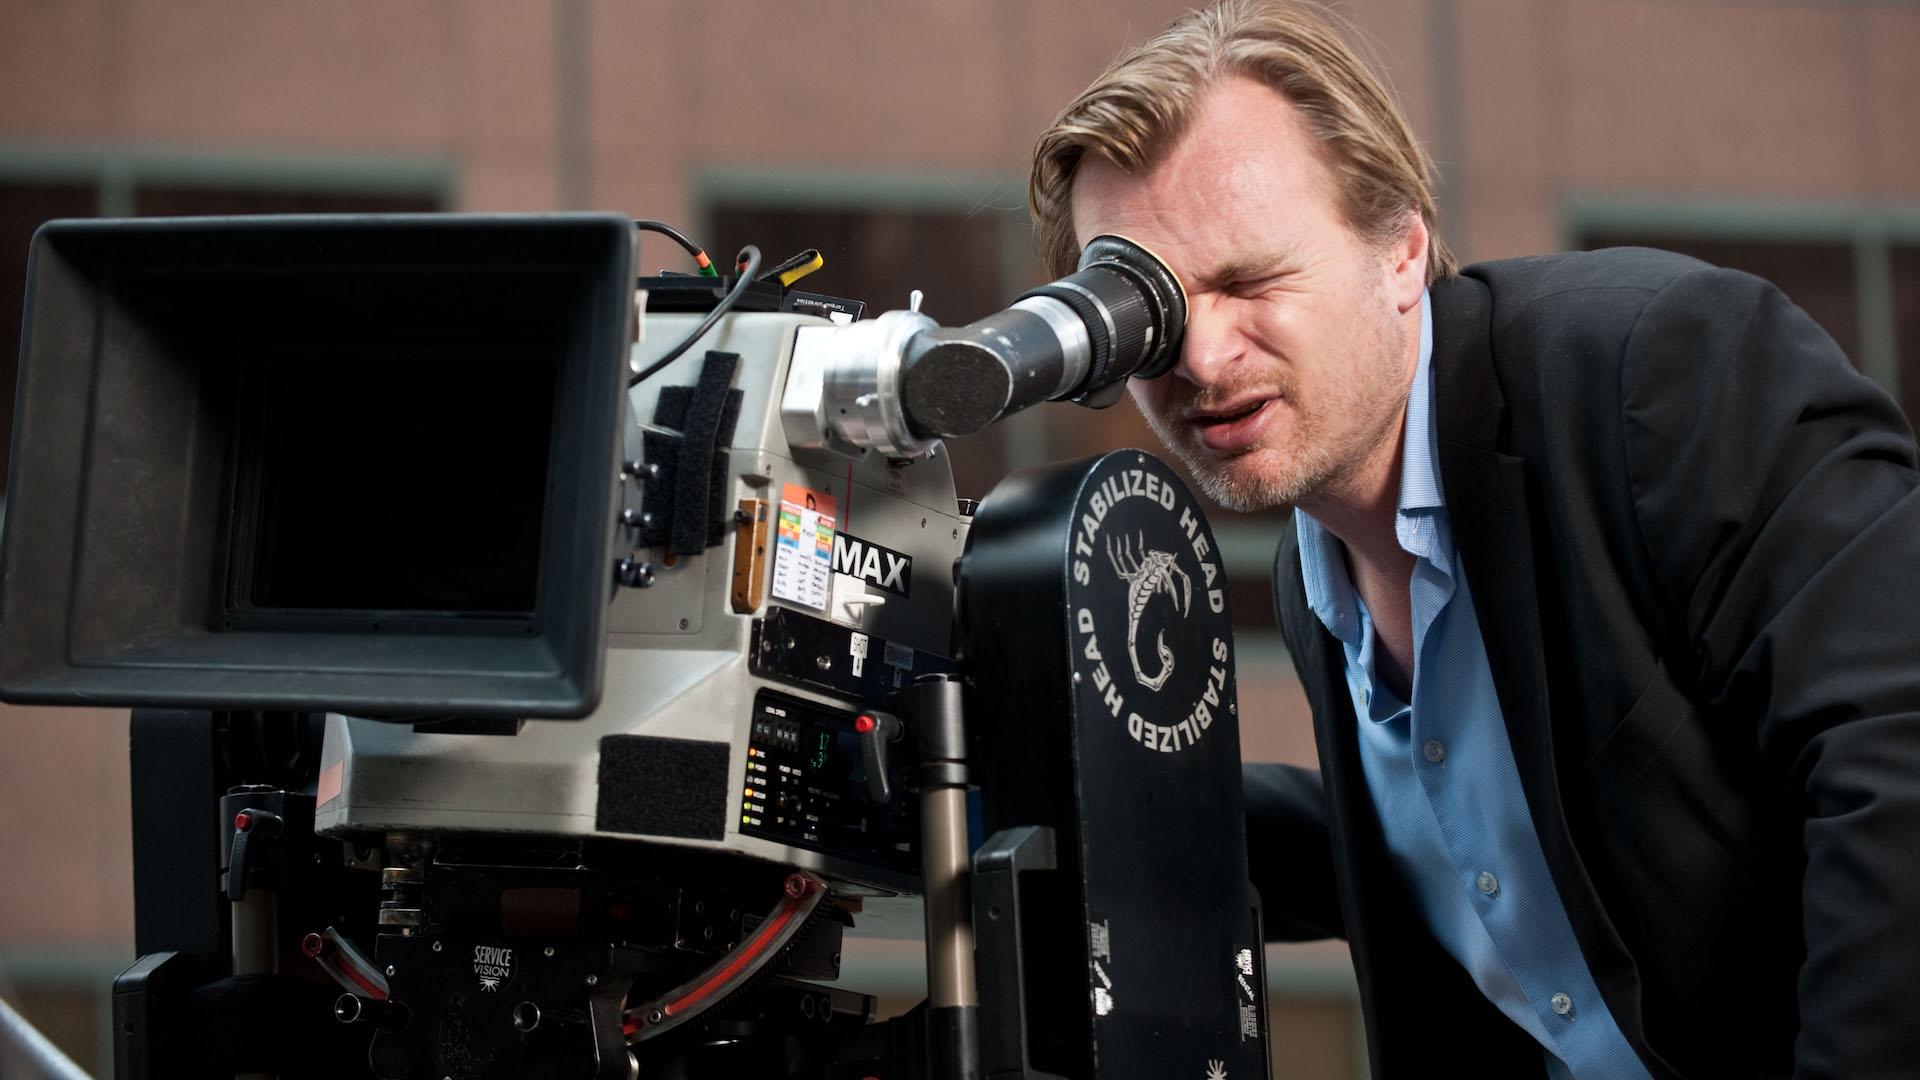 映画監督クリストファー・ノーランがNetflixを嫌う理由